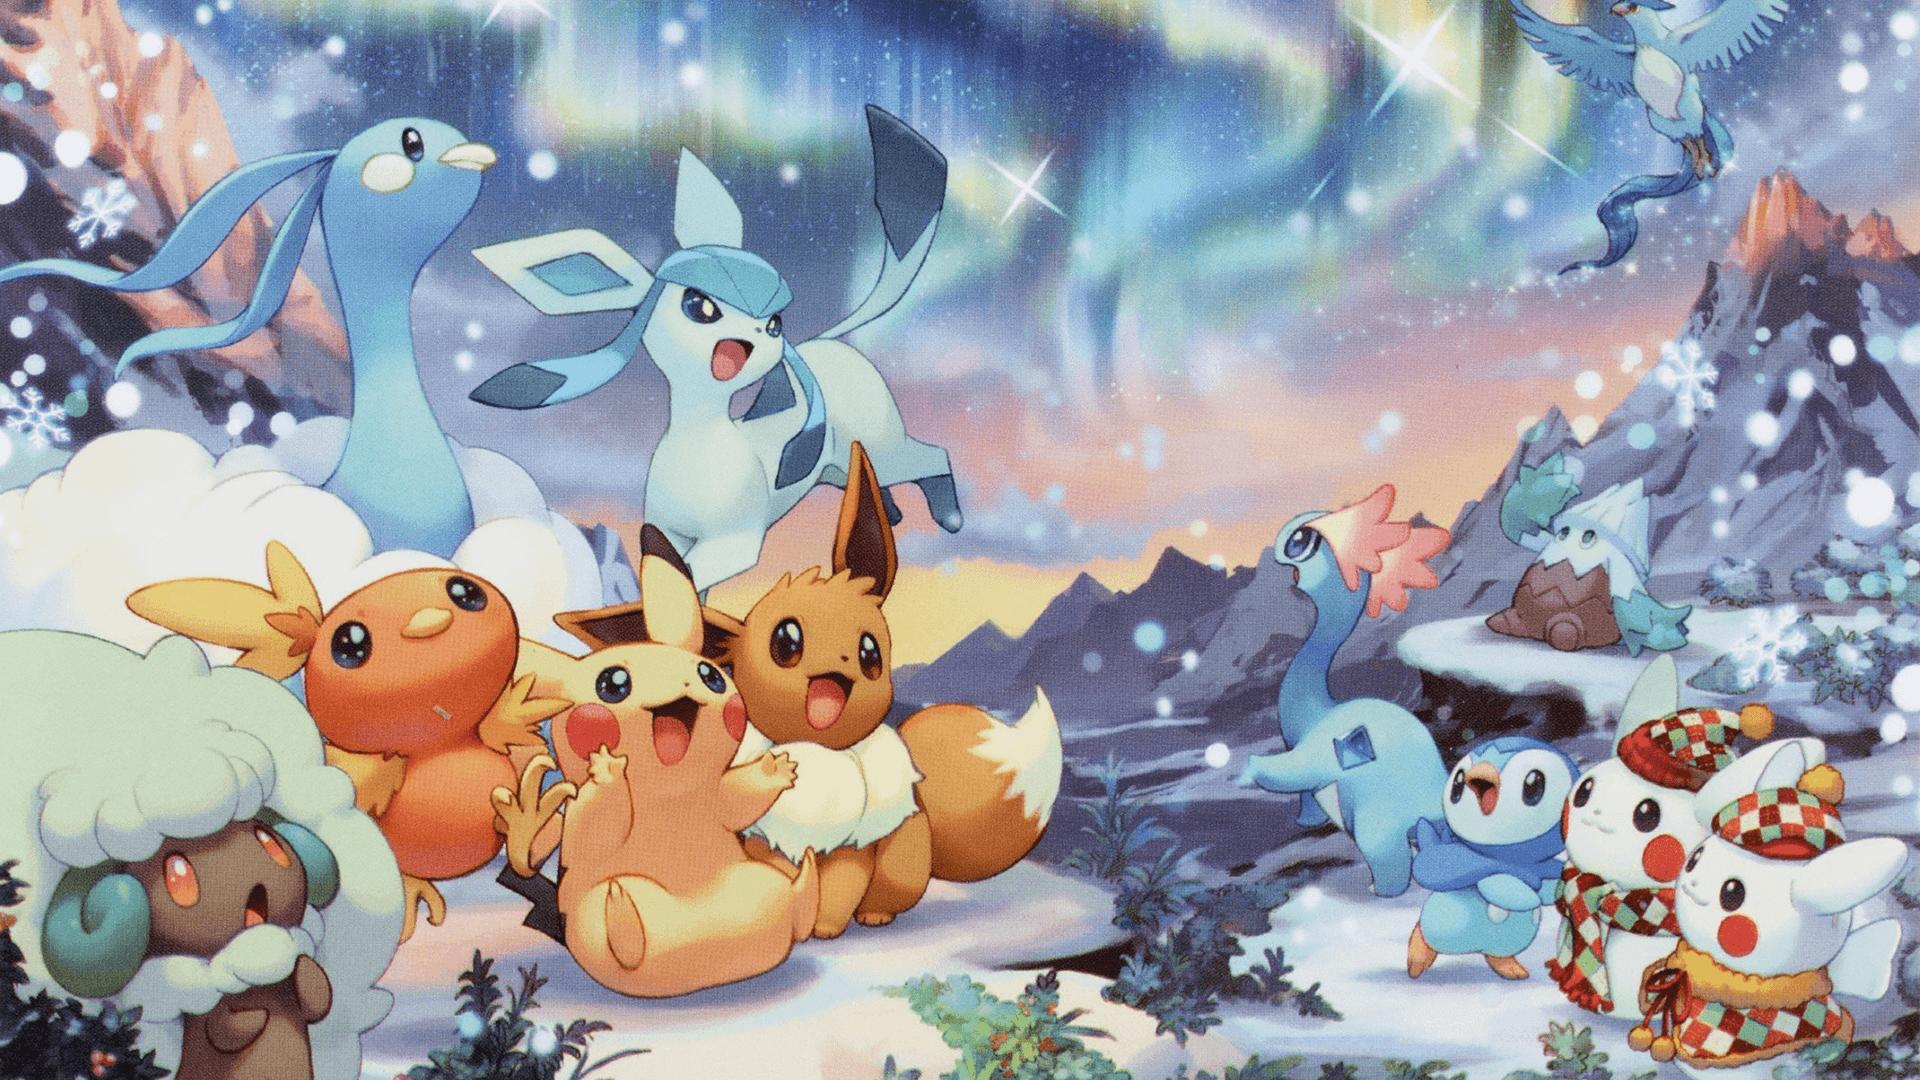 Pikachu And Eevee Wallpapers Top Free Pikachu And Eevee